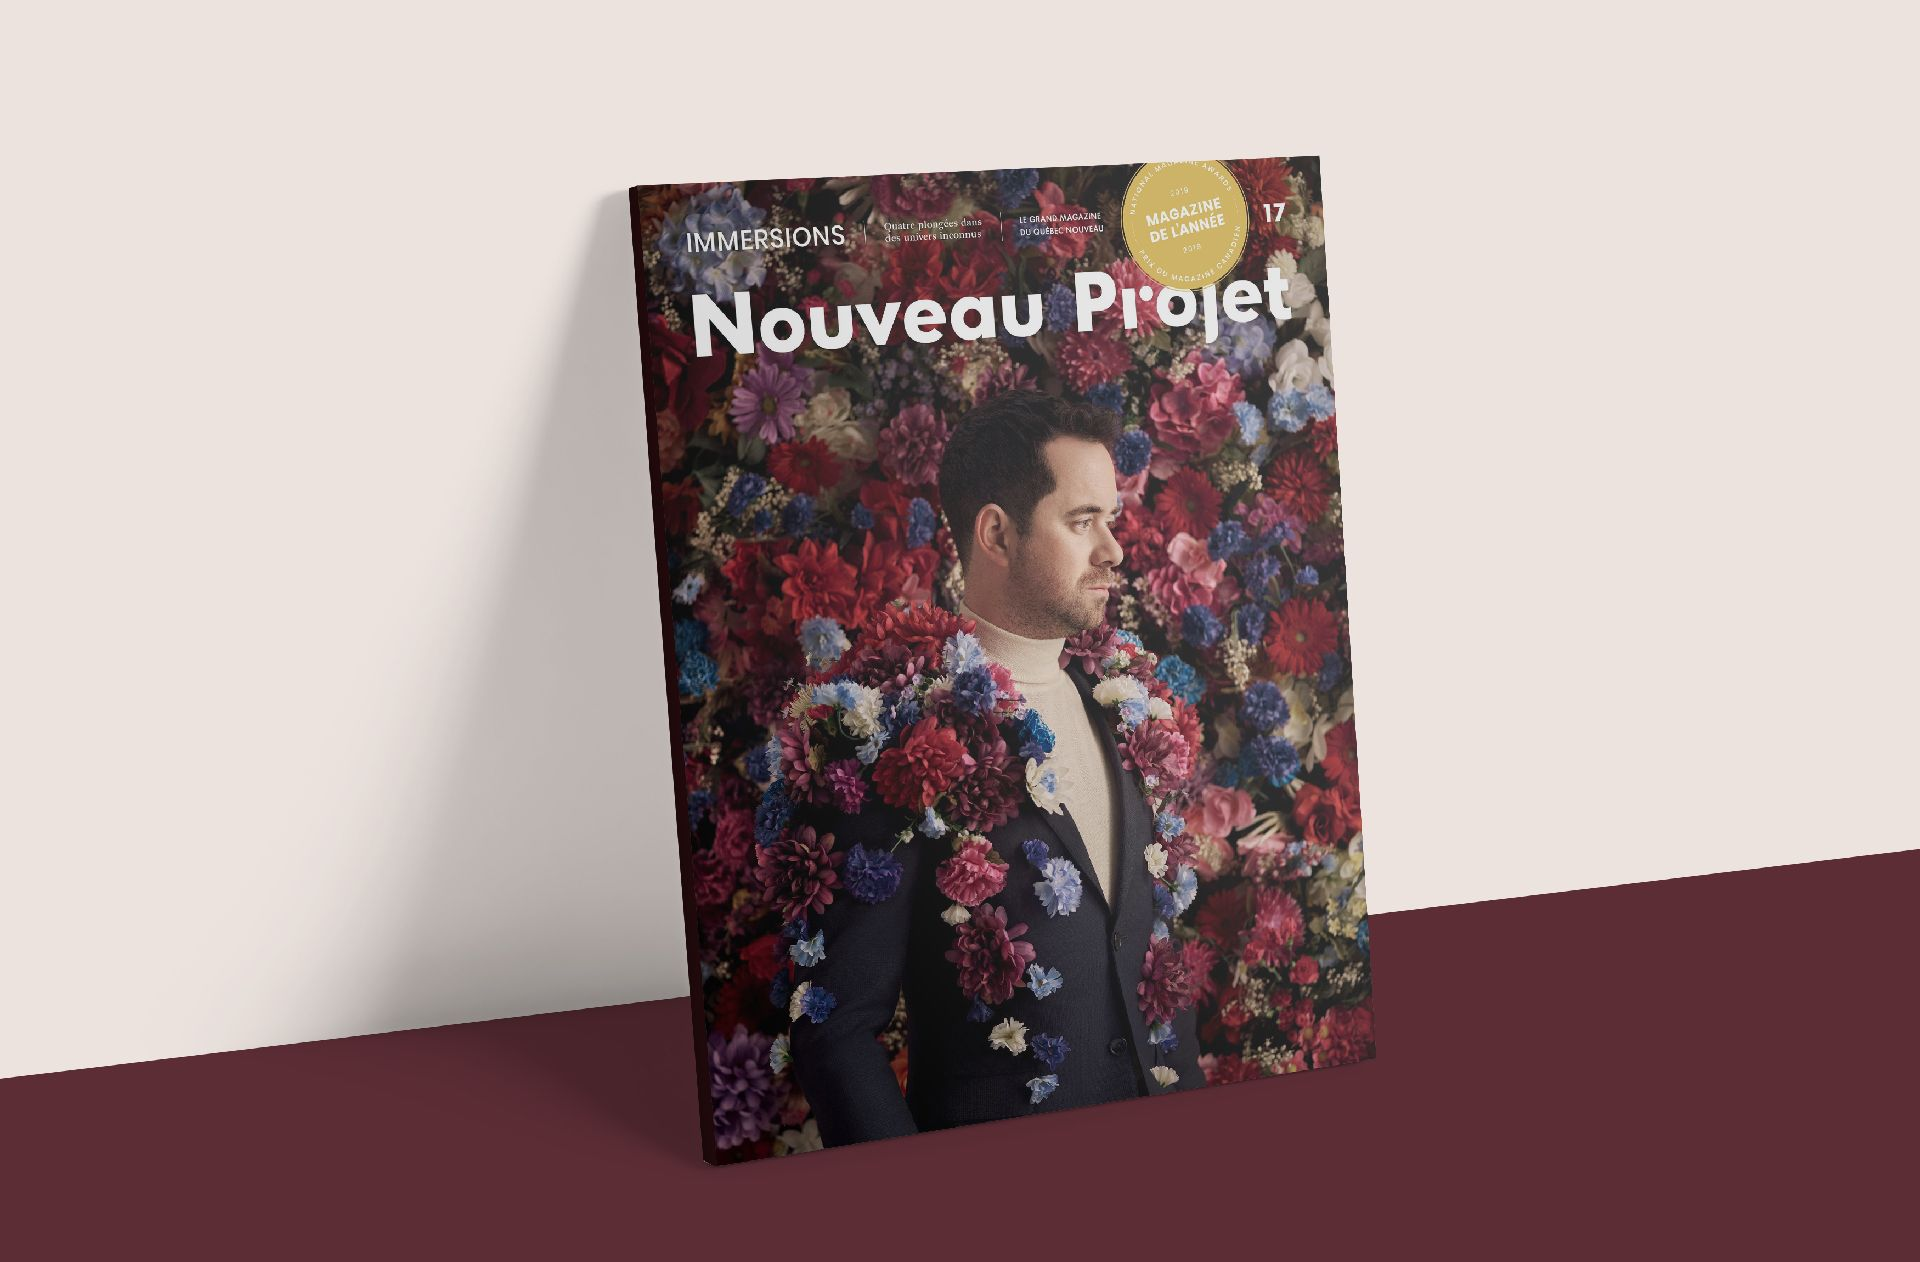 mockup of magazine Nouveau projet 17 with Jean Michel Blais